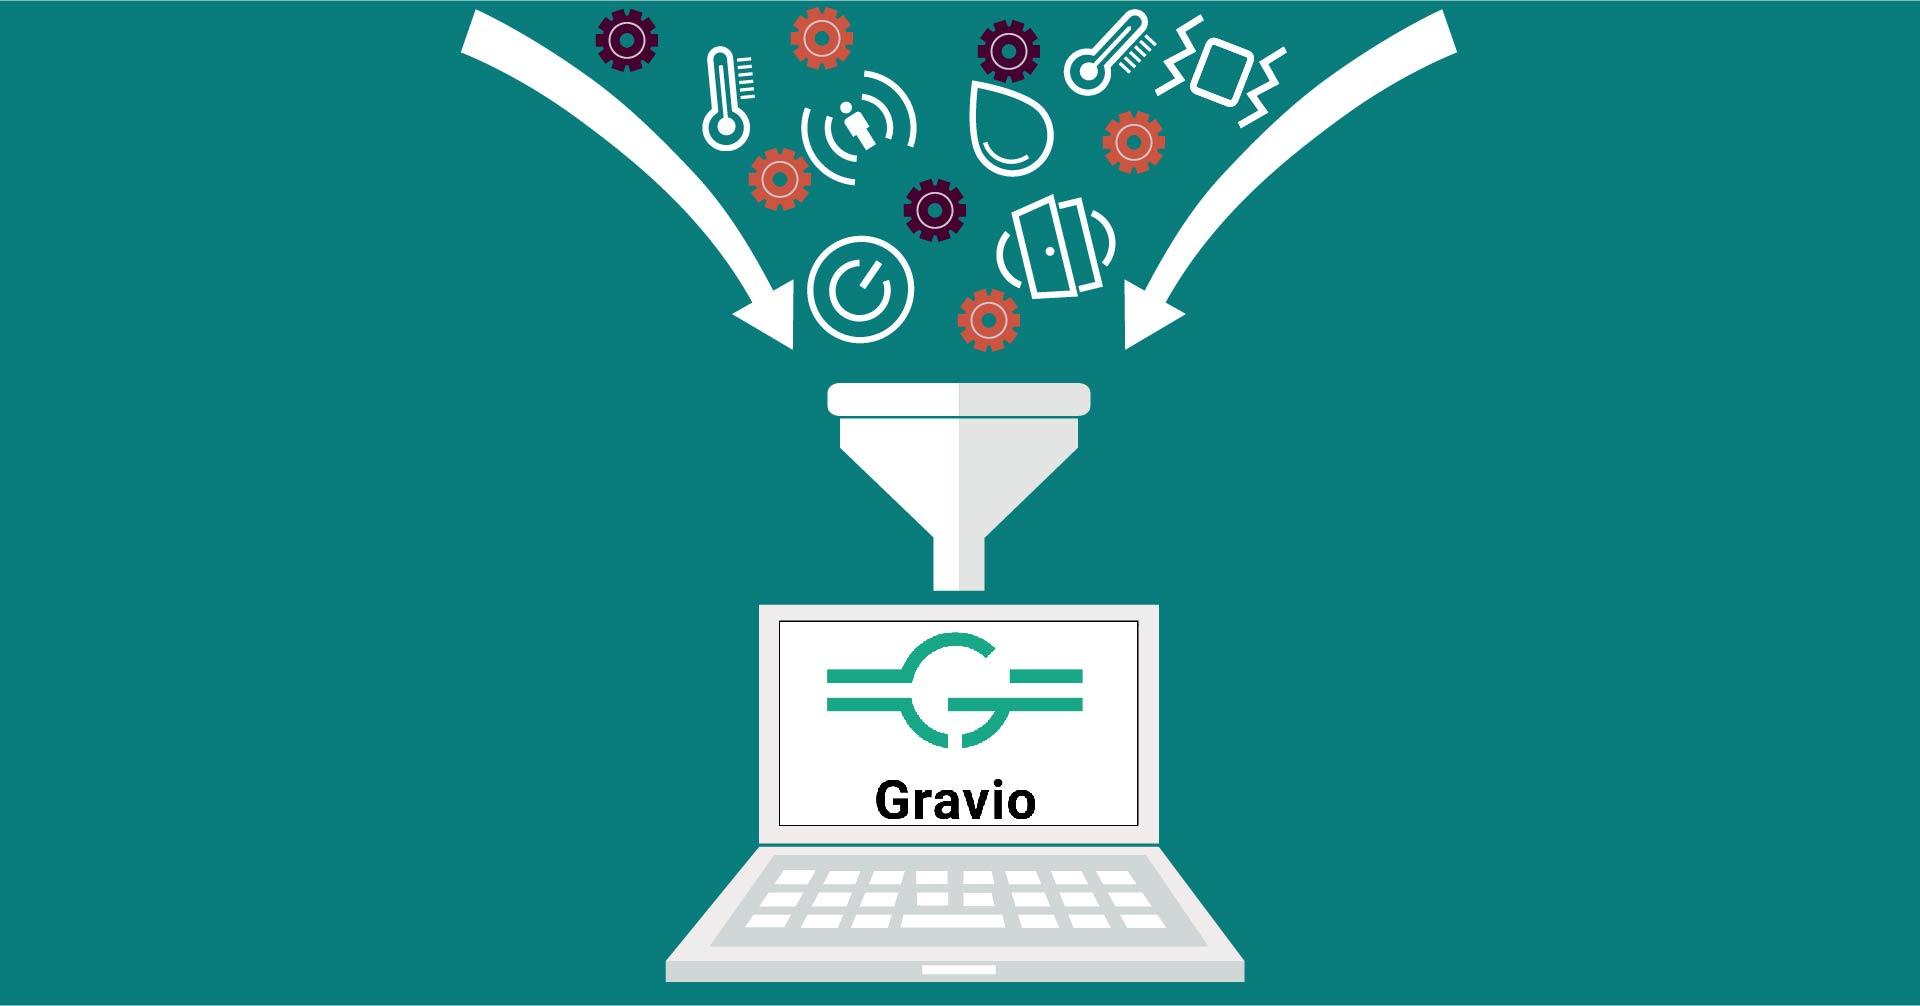 Gravio基本機能1 ~センサーデバイスからのデータ収集編~